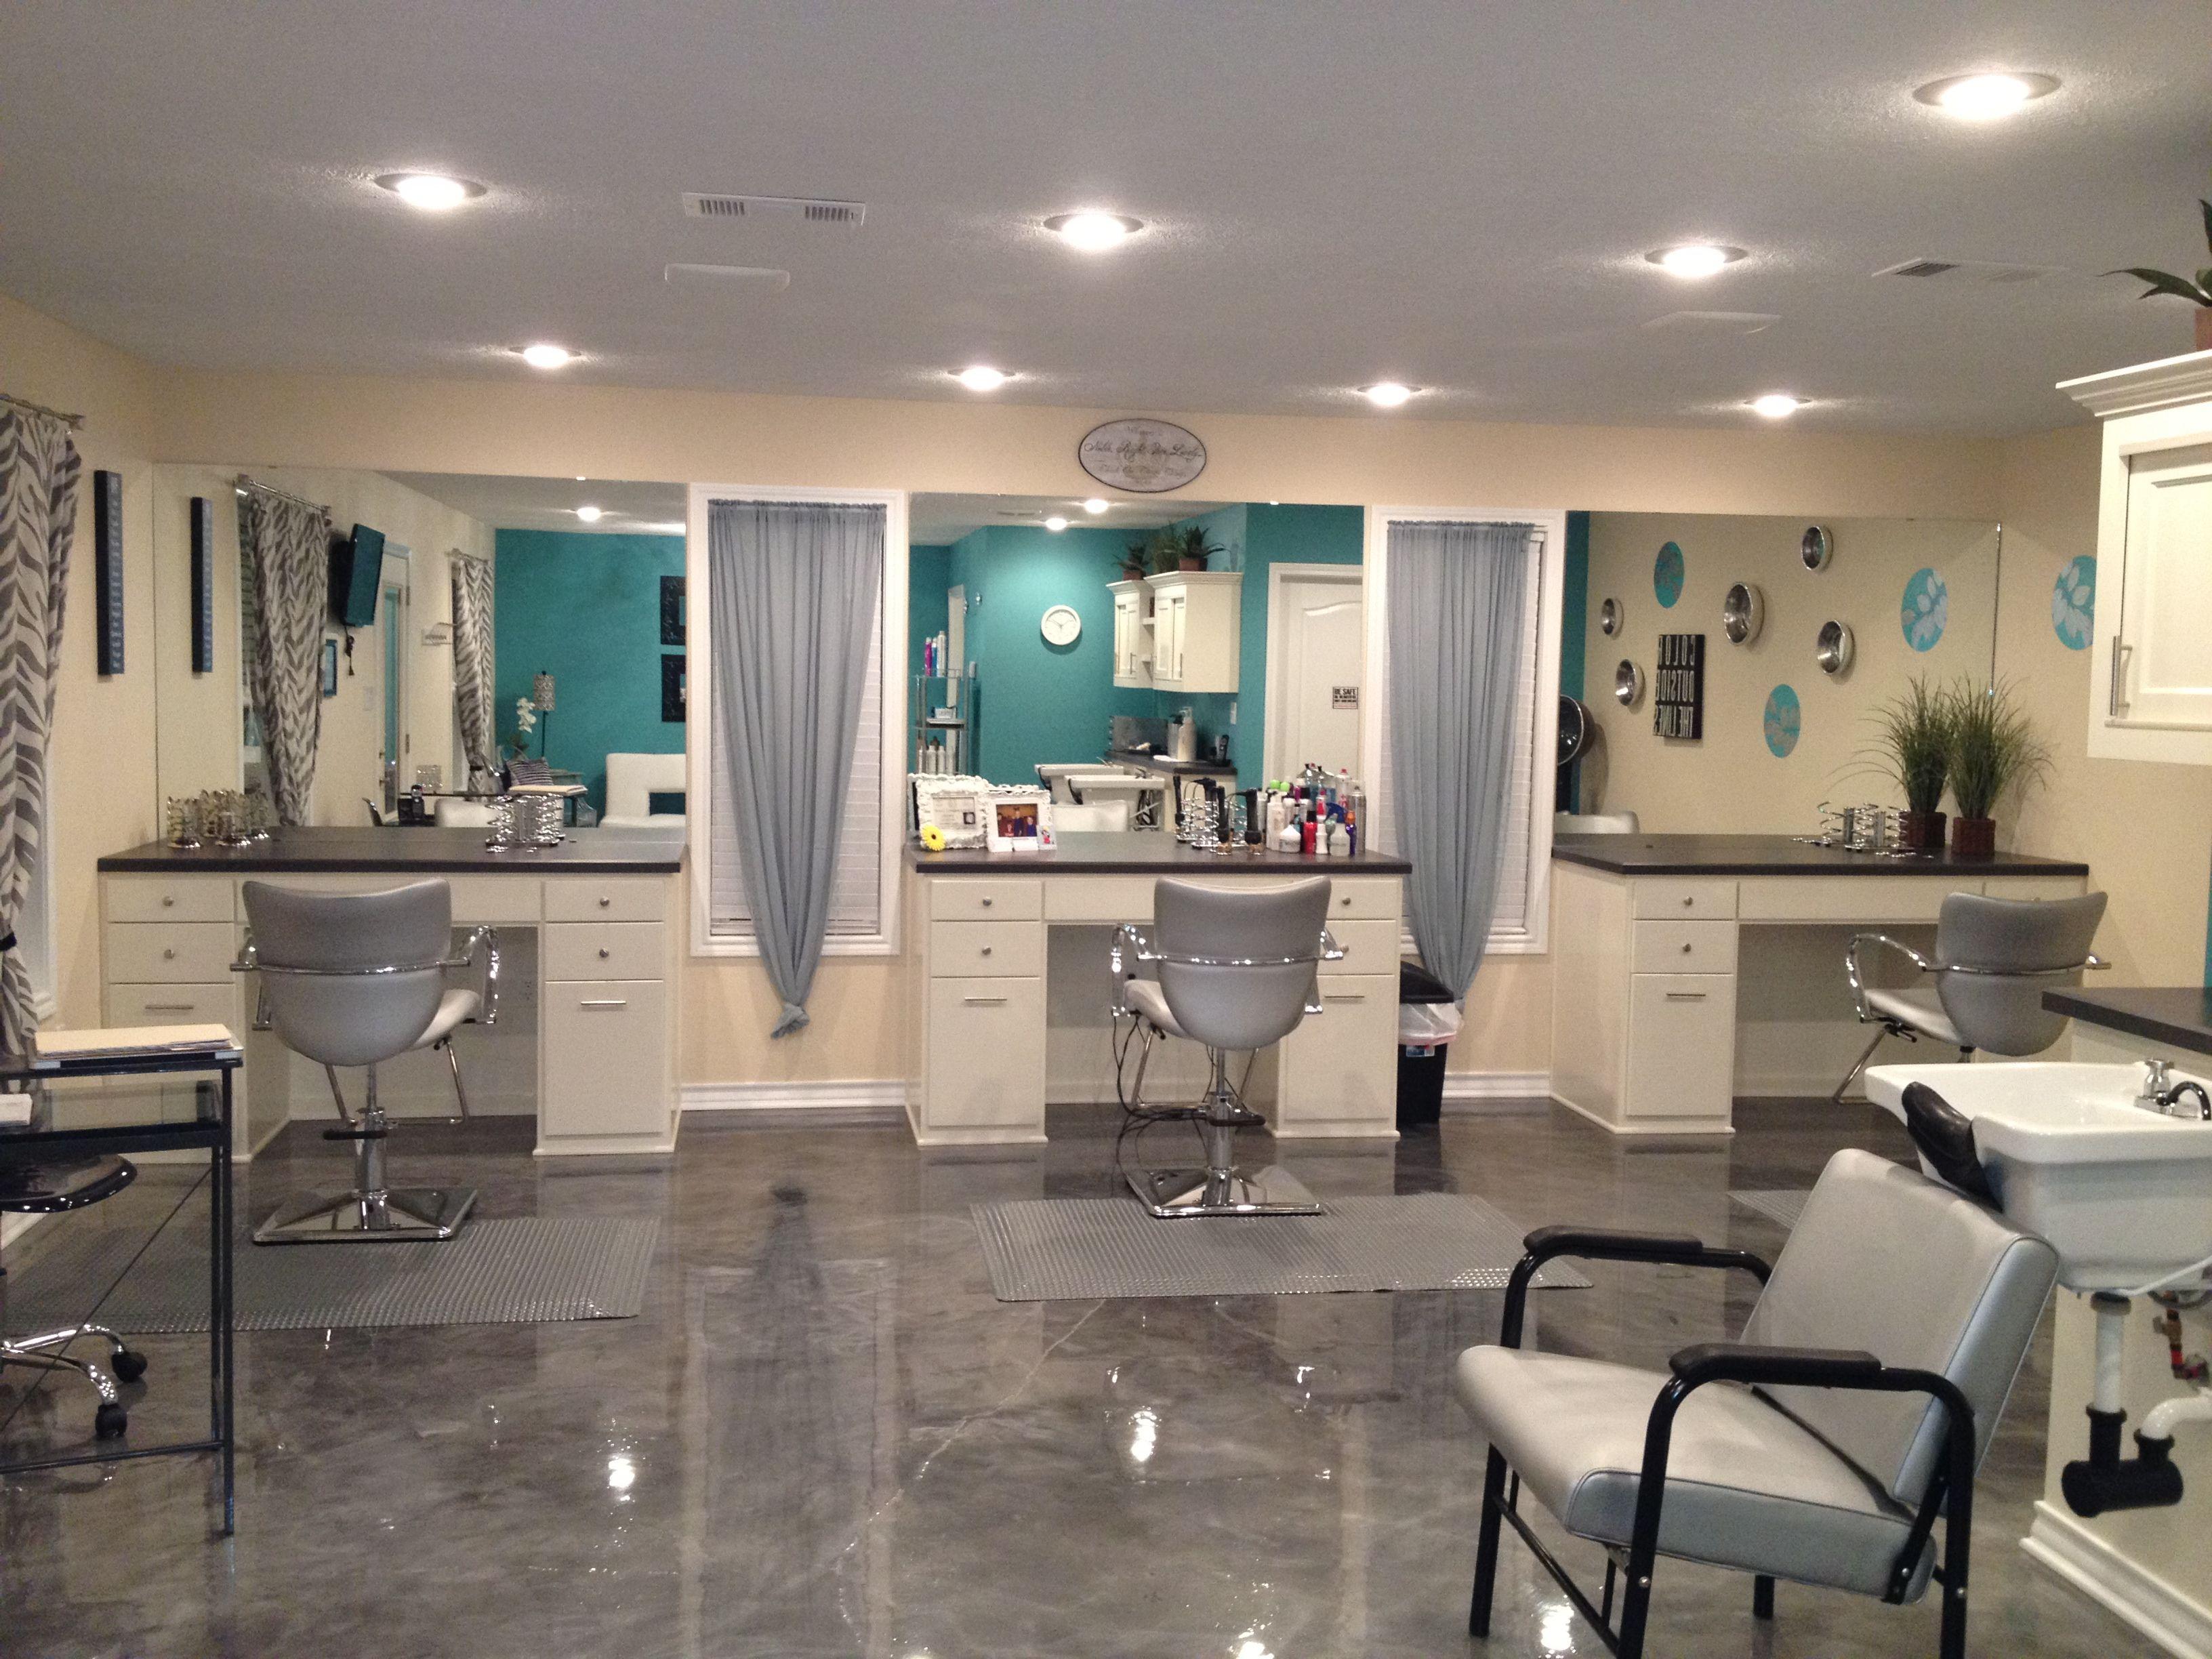 New small salon ideas for the salon pinterest for A beautiful you at vesuvio salon studios